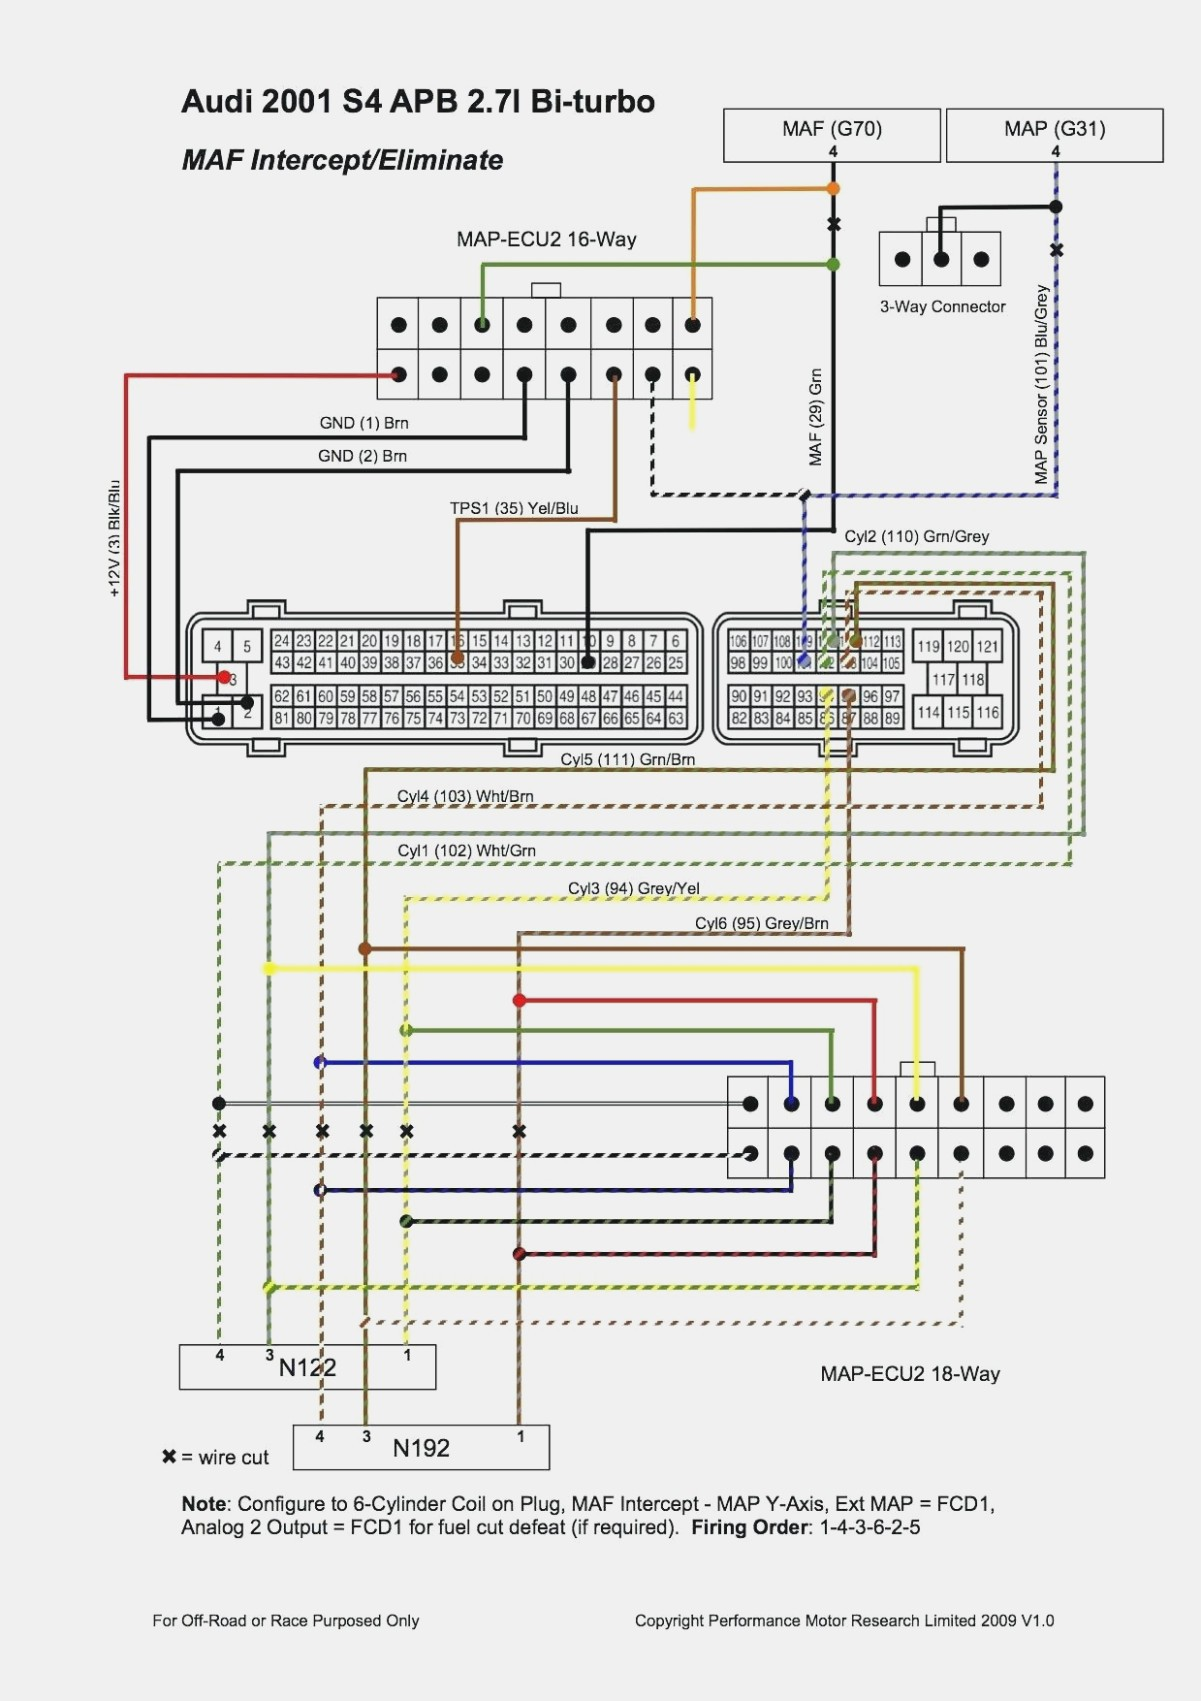 Dodge Intrepid Fuse Diagram Wiring Diagram Datasource 2000 Dodge Intrepid Fuse Box Diagram Dodge Intrepid Fuse Diagram